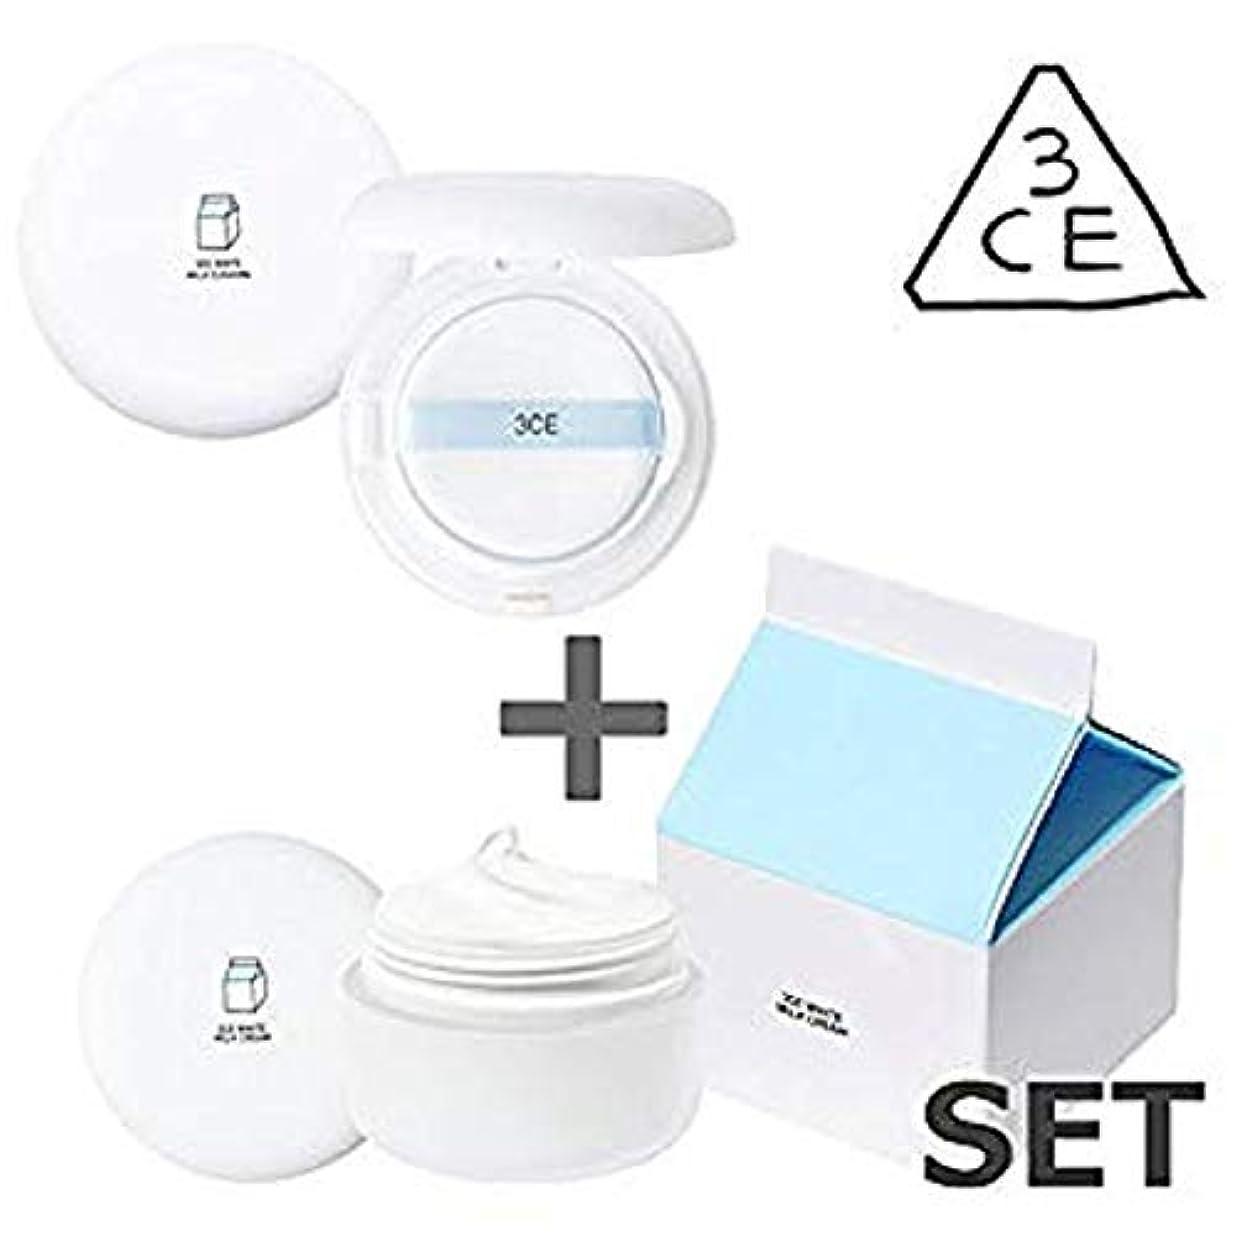 見る人寝る心理的に[3CE / 2個セット] ホワイトミルククリーム & ホワイトミルククッション (White Milk Cream+White Milk Cushion) / 正品?海外直送品